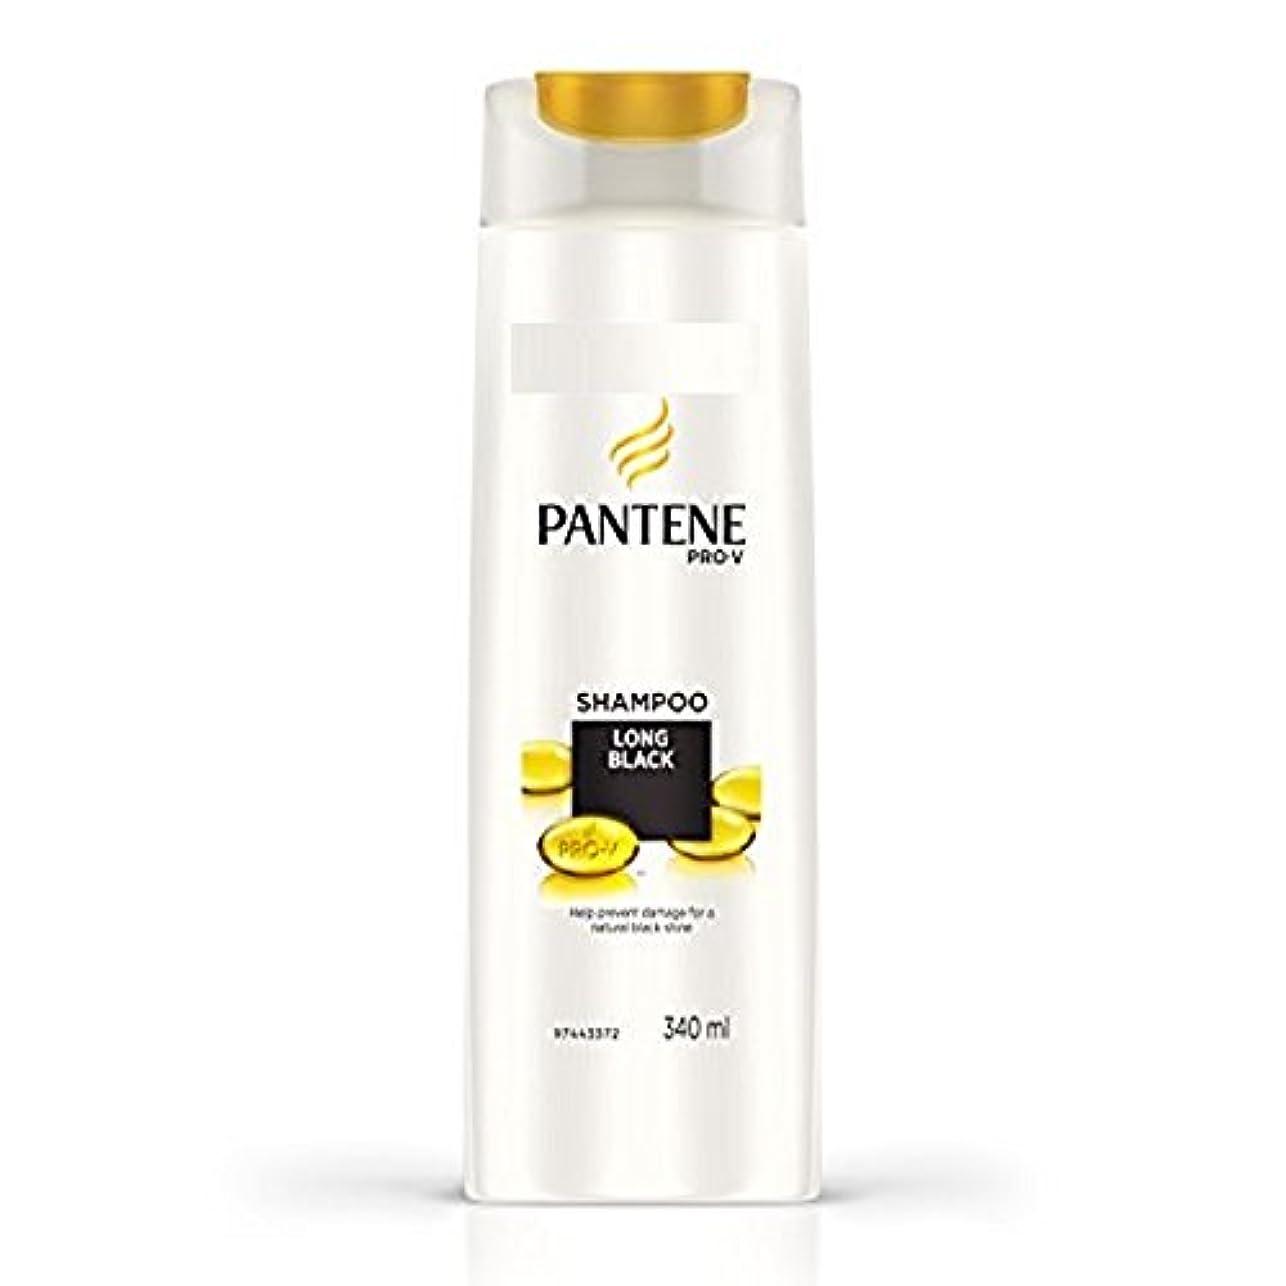 累計で気配りのあるPANTENE LONG BLACK SHAMPOO 340 ml (パンテーンロングブラックシャンプー340 ml)